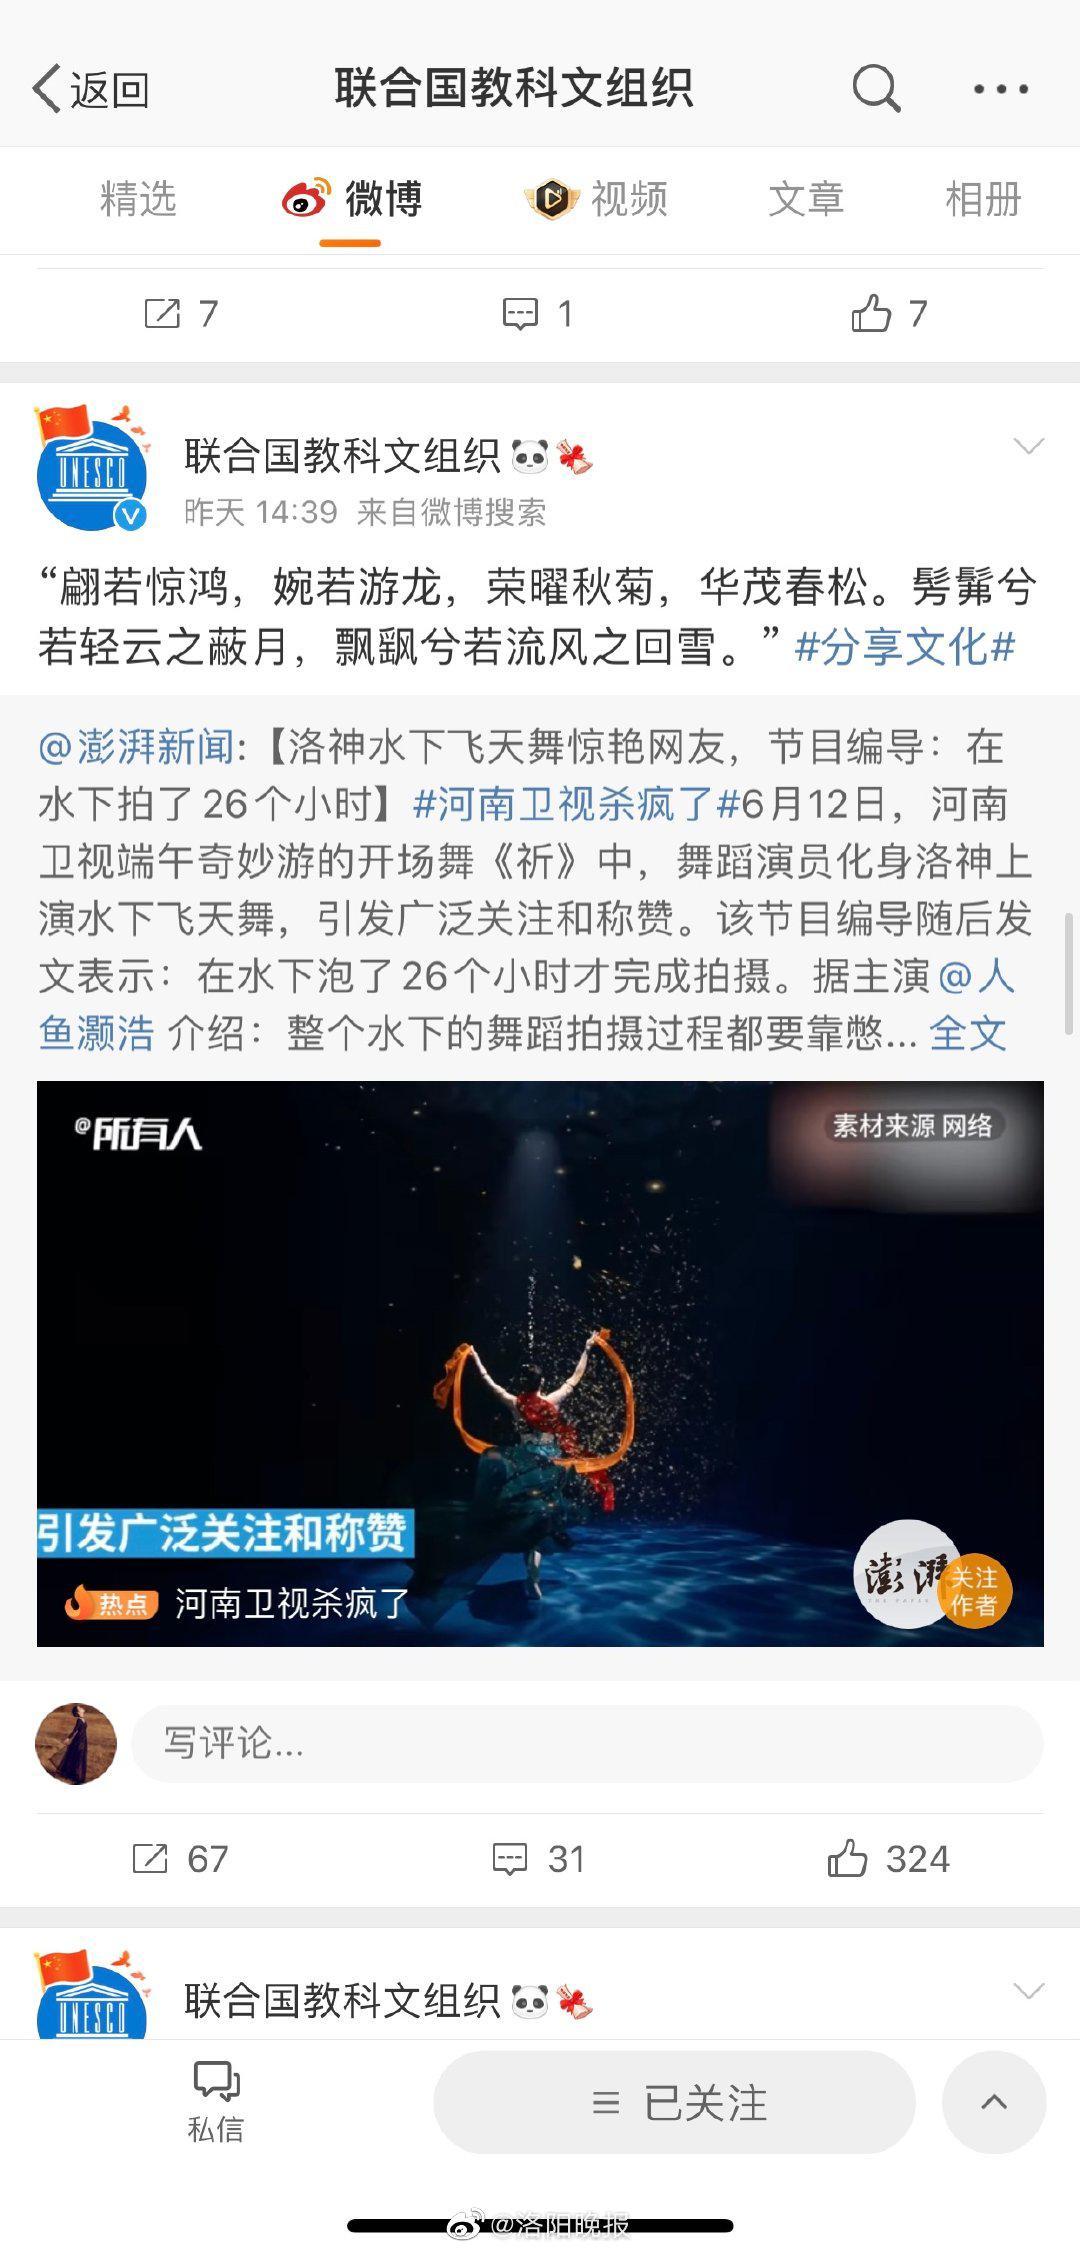 有洛阳元素的《洛神水赋》火了!联合国教科文组织转发、中国外交部发言人推介